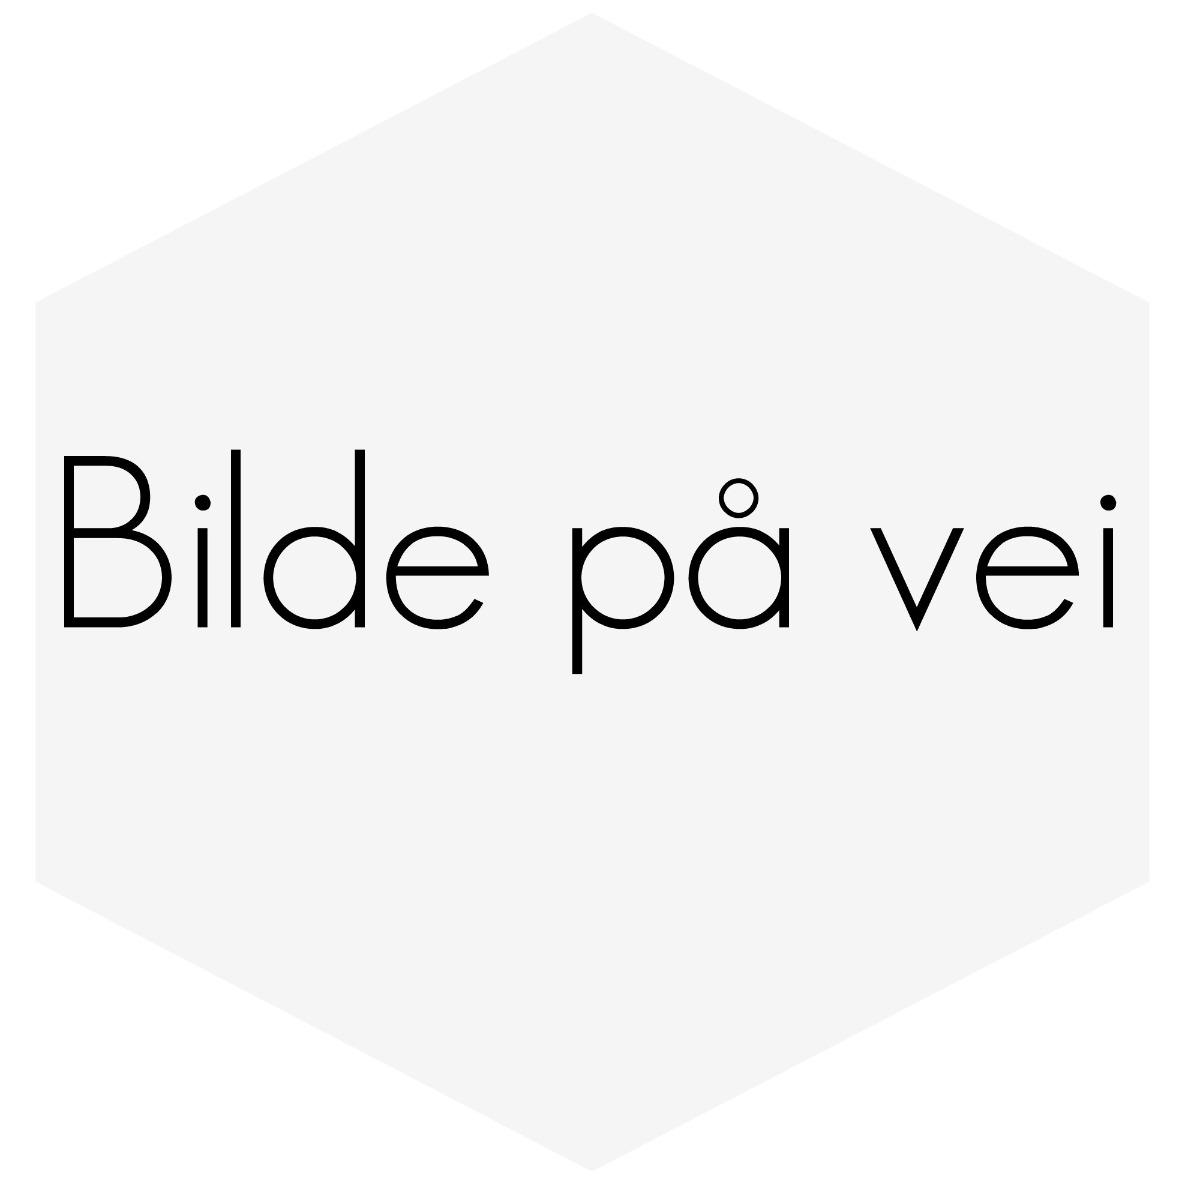 STØTFANGER SKINNE VOLVO 940-91- TYPEN BRUKES SAMMEN MED LØS LIST